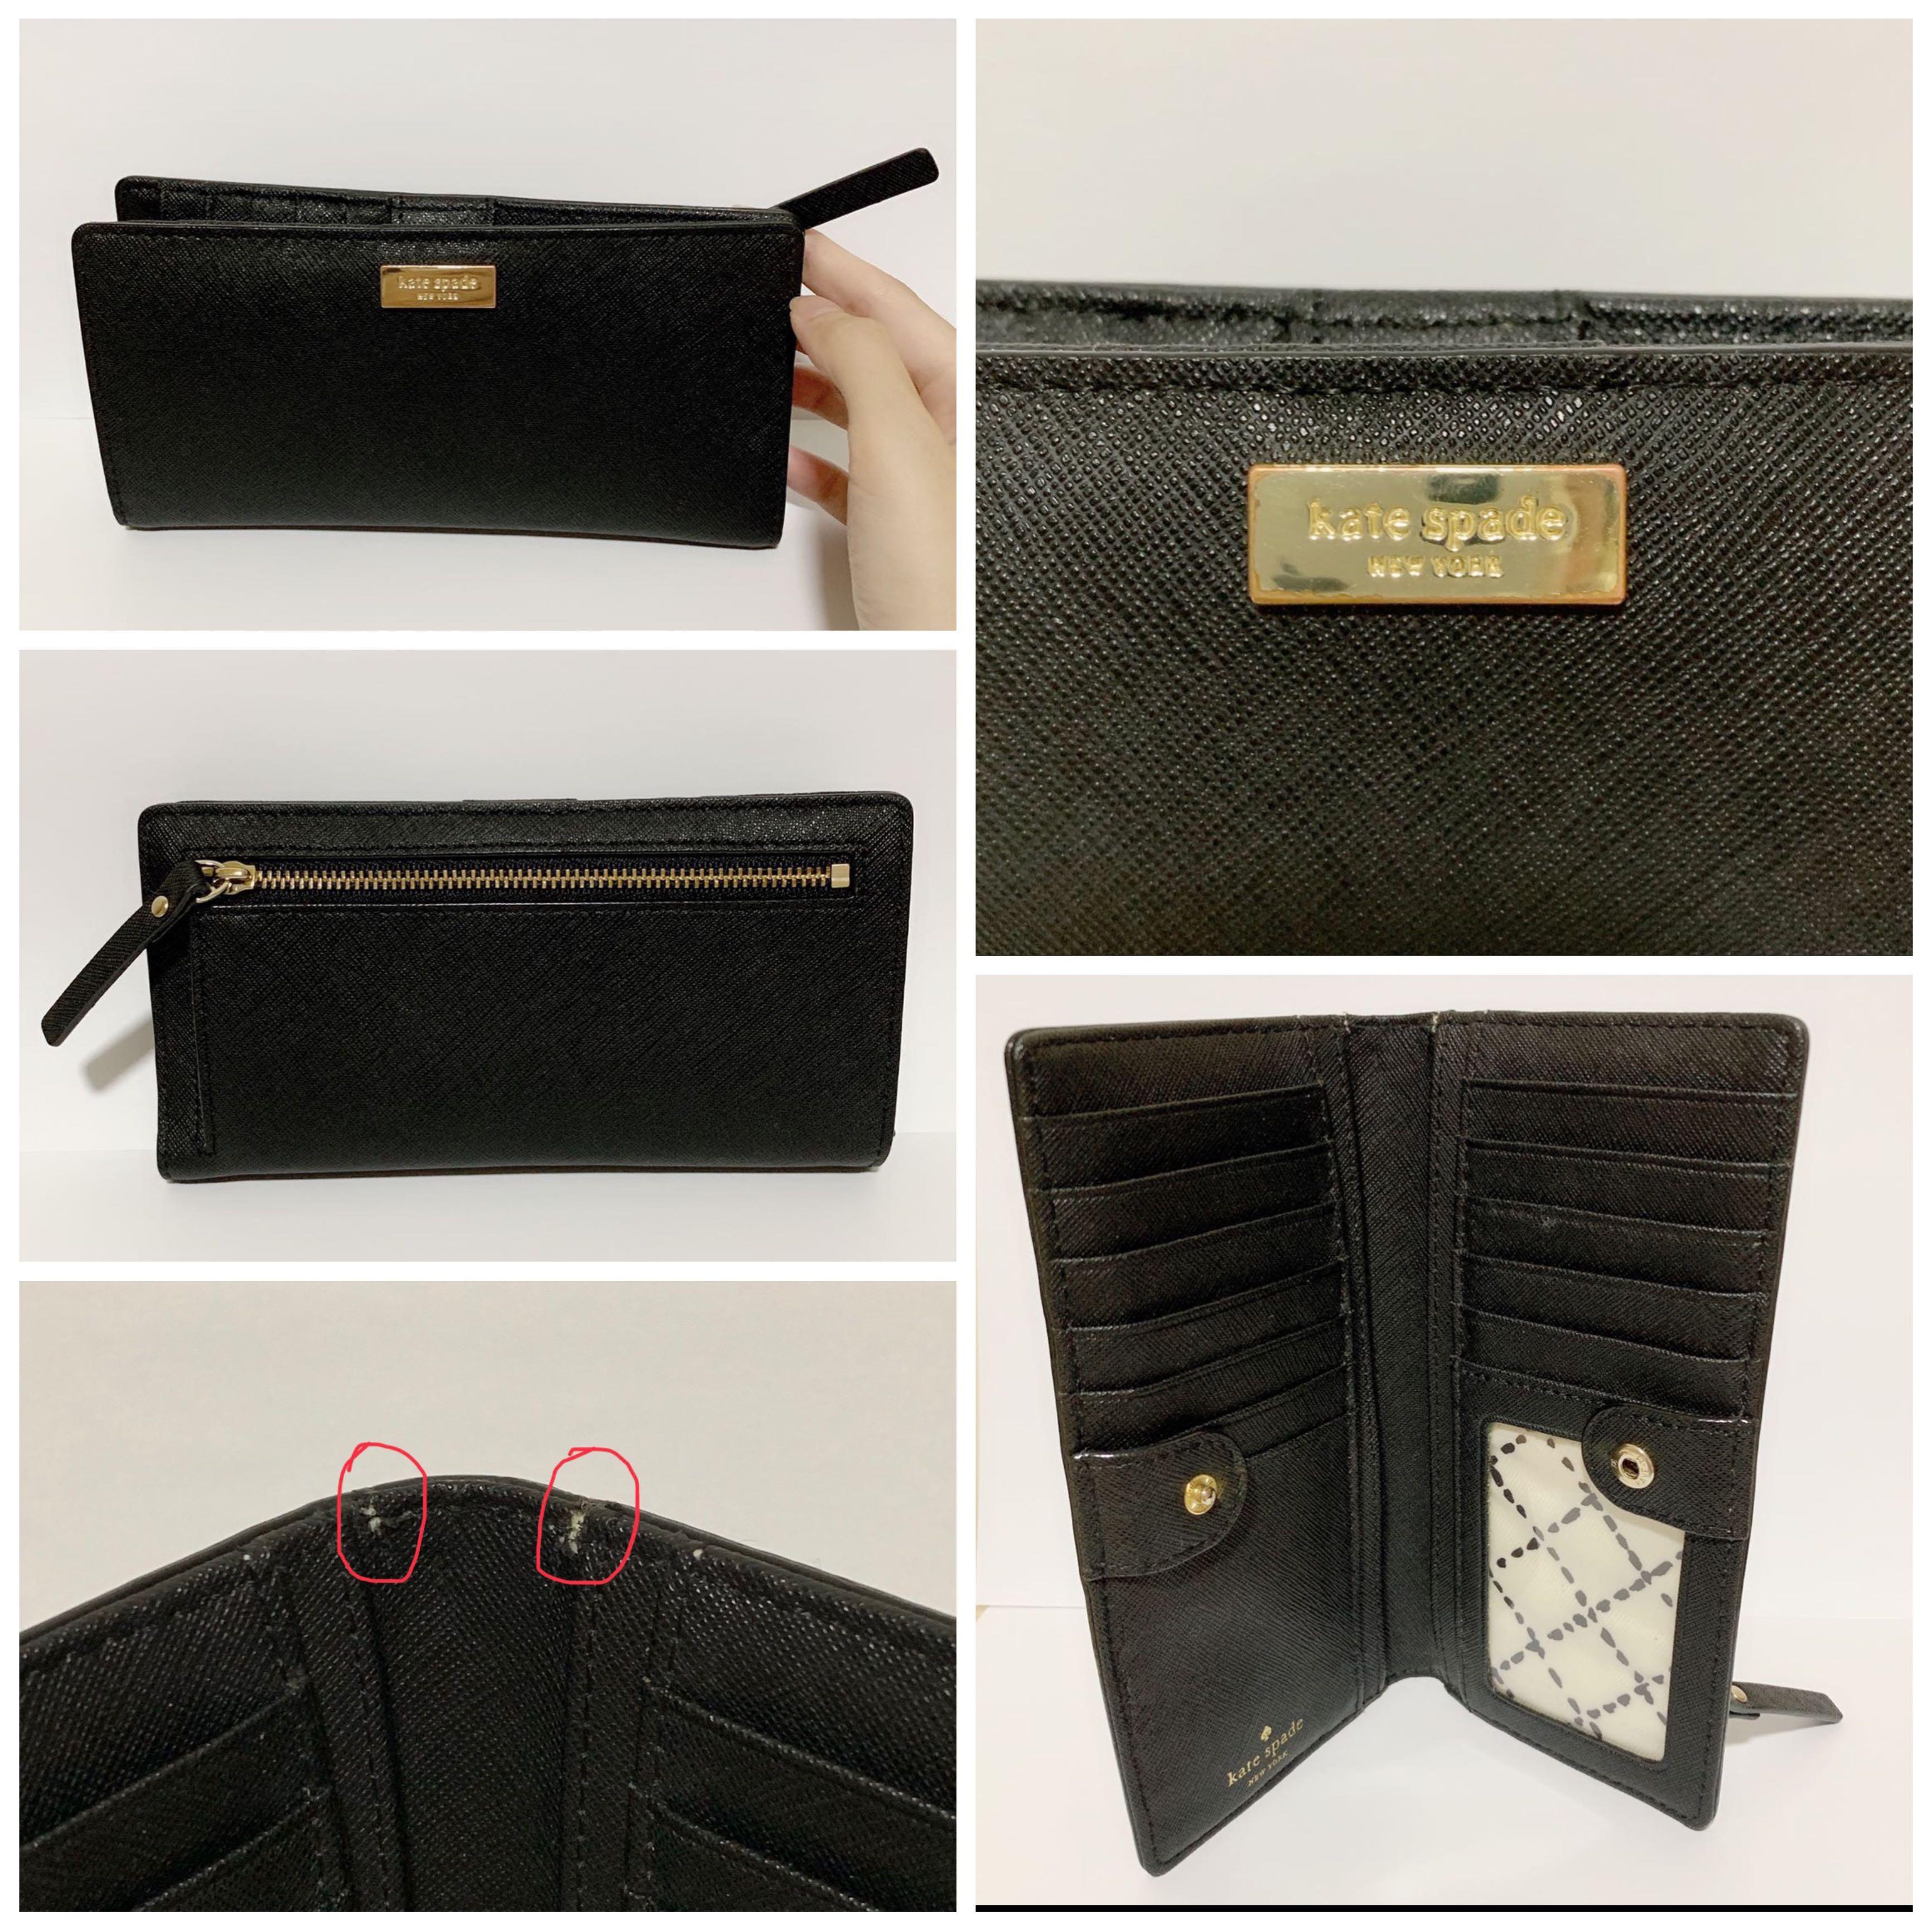 70fe8ebb5340 Kate Spade Long Wallet, Luxury, Bags & Wallets, Wallets on Carousell